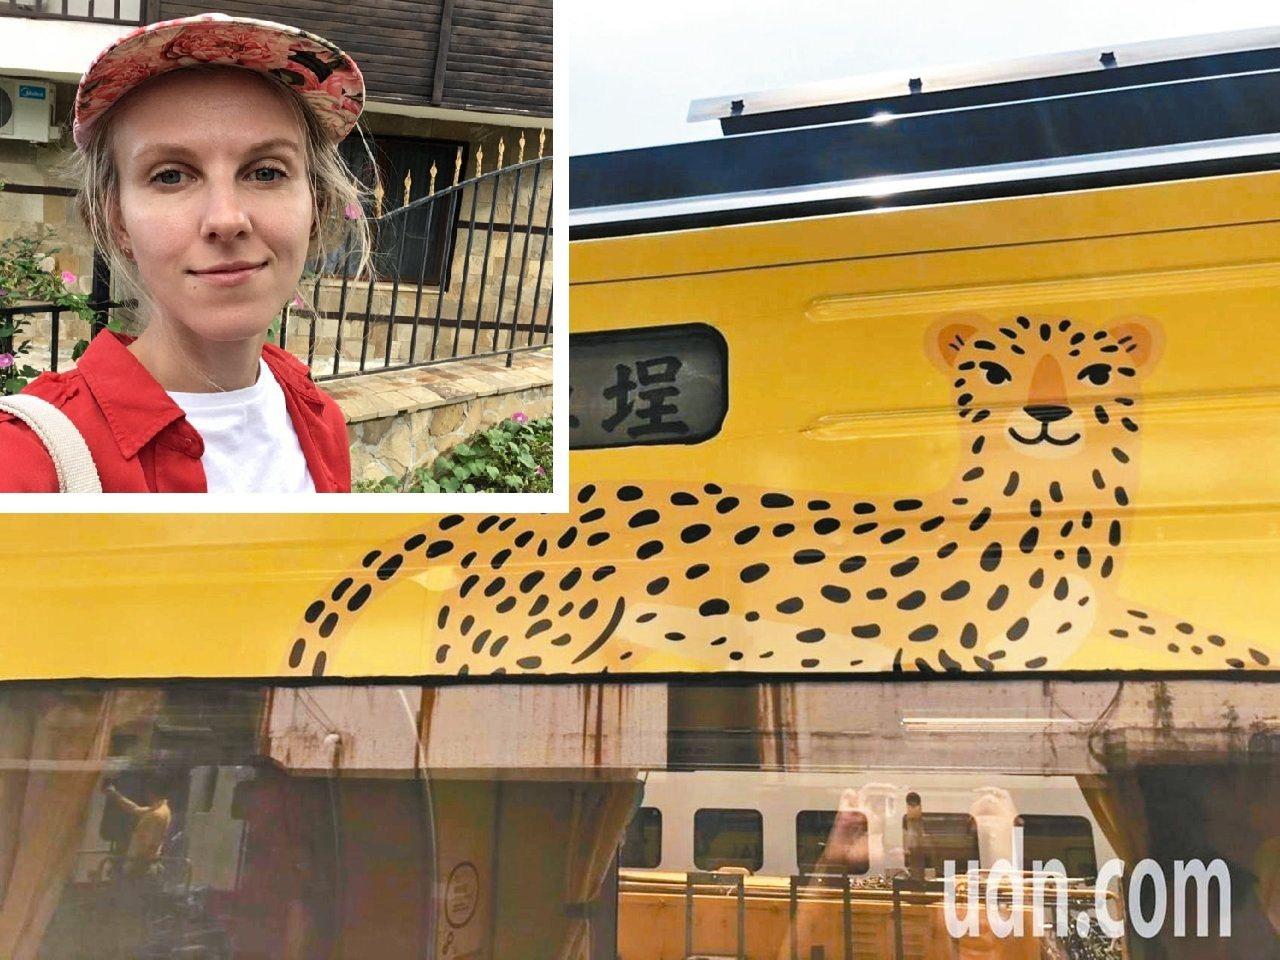 集集支線彩繪列車上的石虎圖案,其實是購買圖庫的圖,原作者是俄羅斯人。 本報資料照...